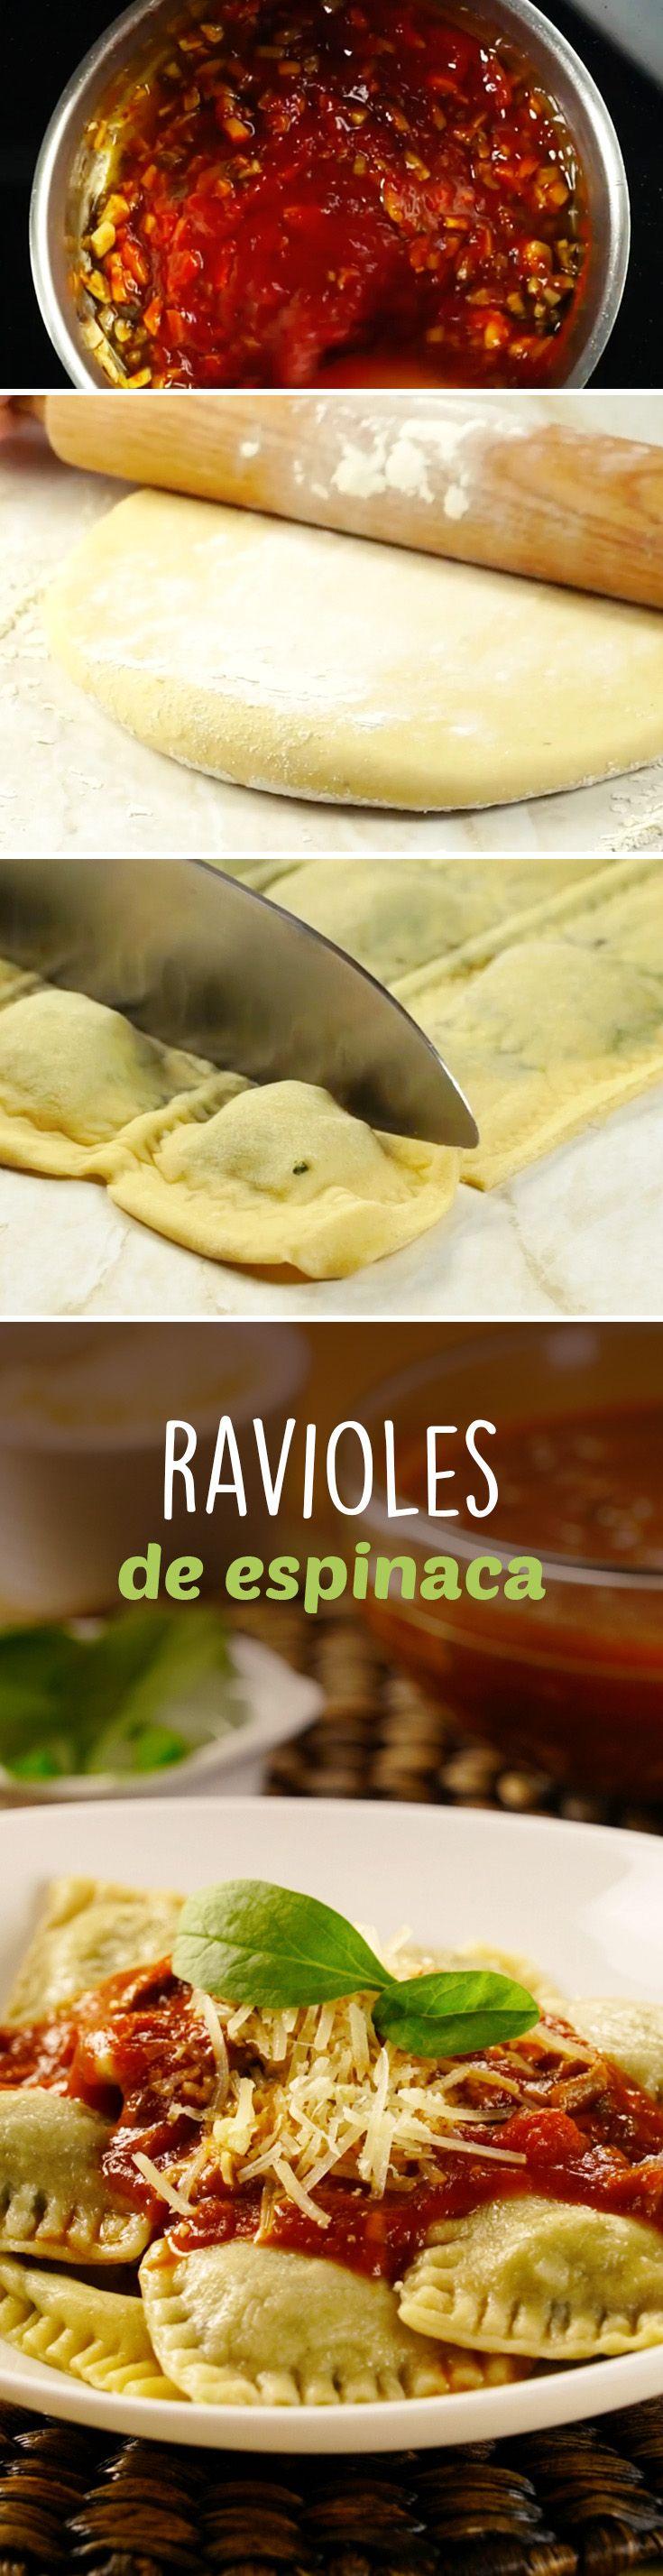 Receta de ravioles caseros rellenos de espinaca y queso. Un clásico para cenas formales, Navidad o Año Nuevo.